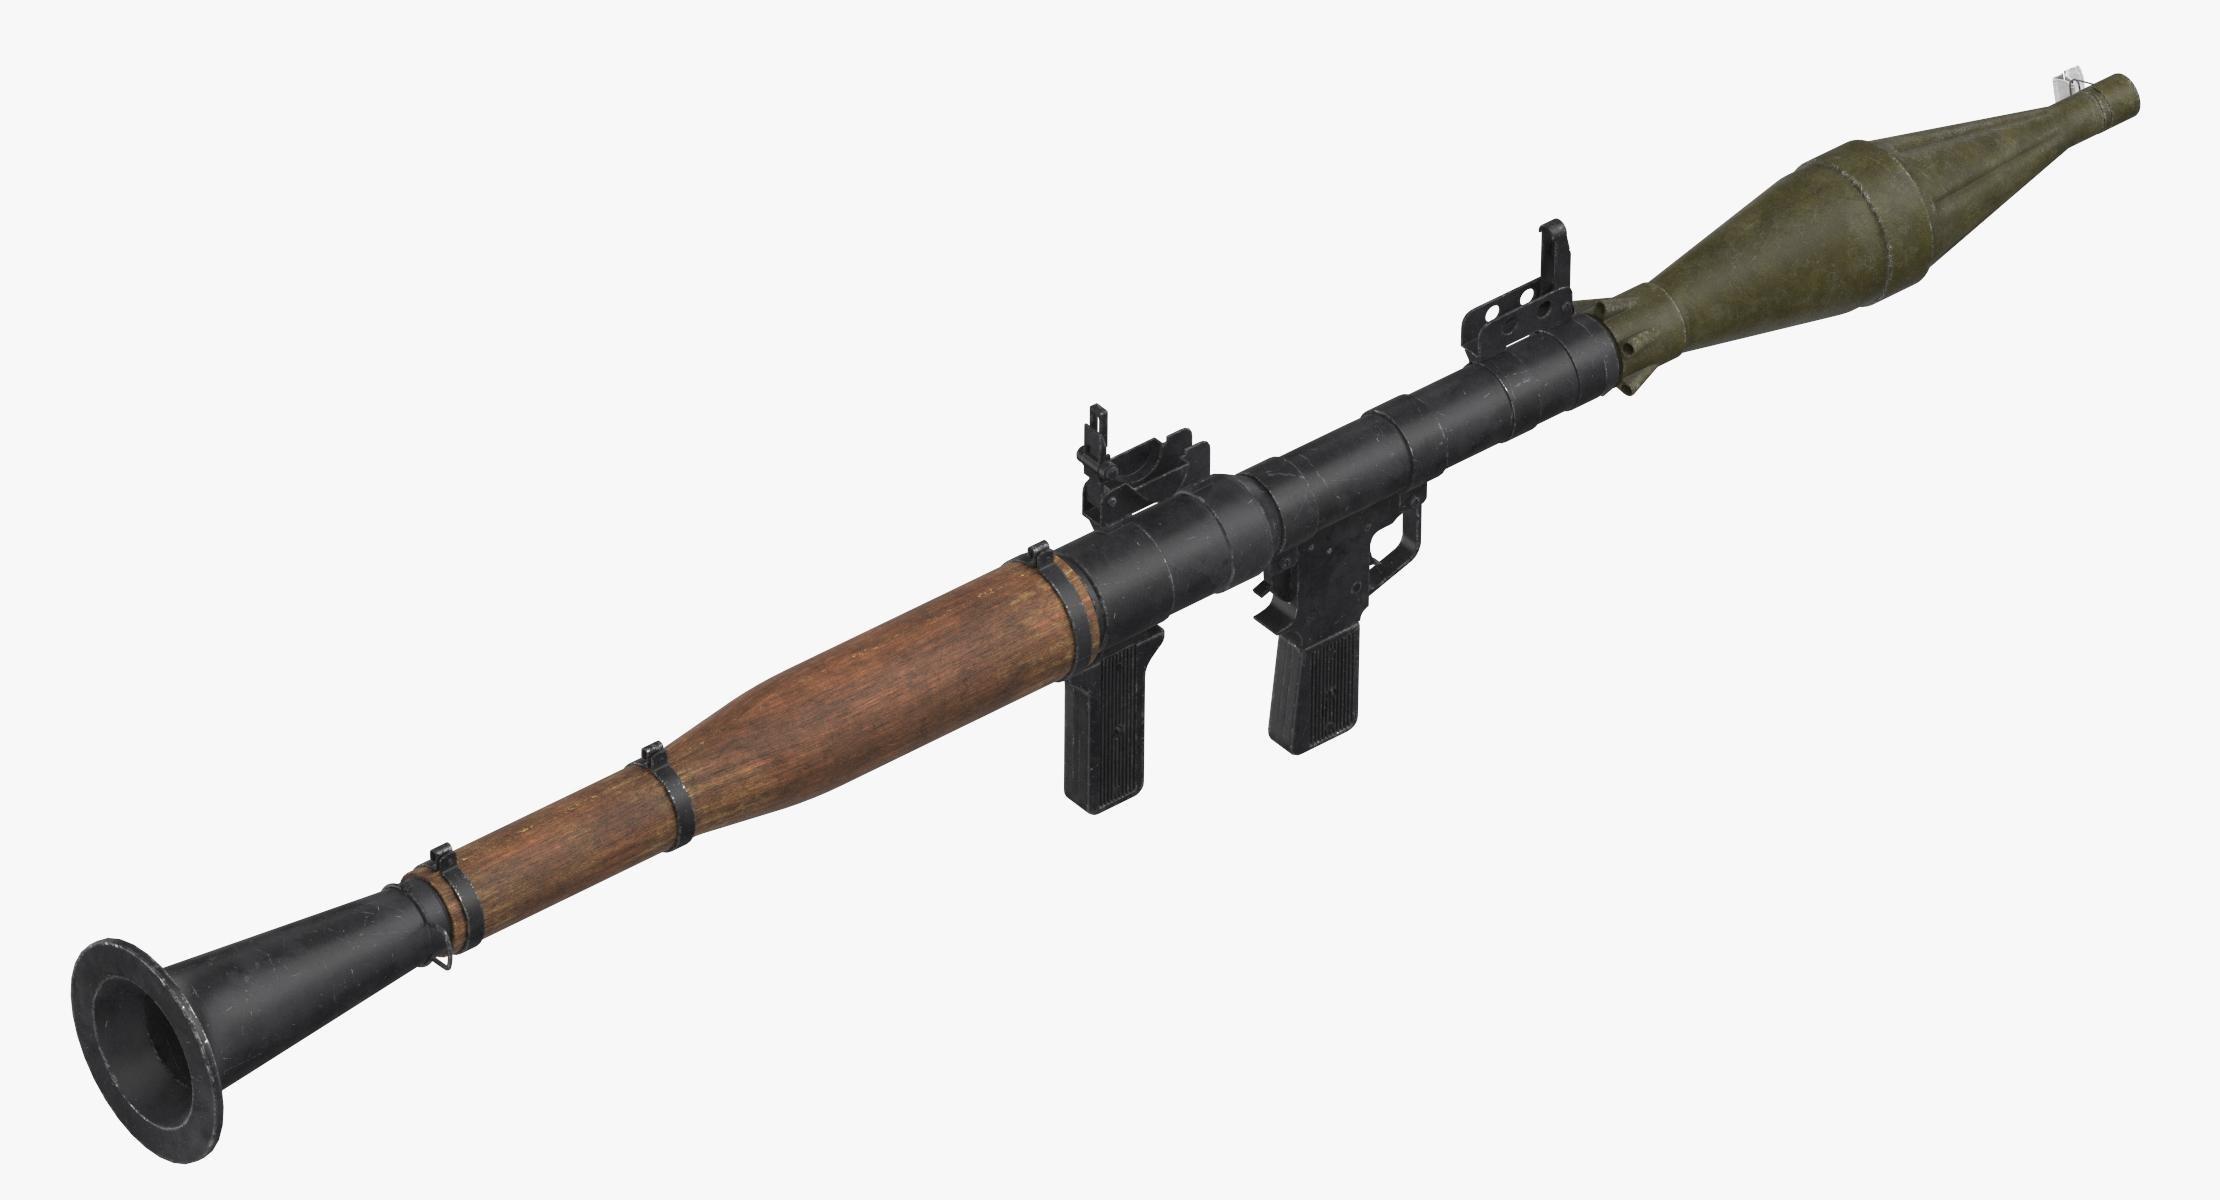 RPG - 7 - reel 1